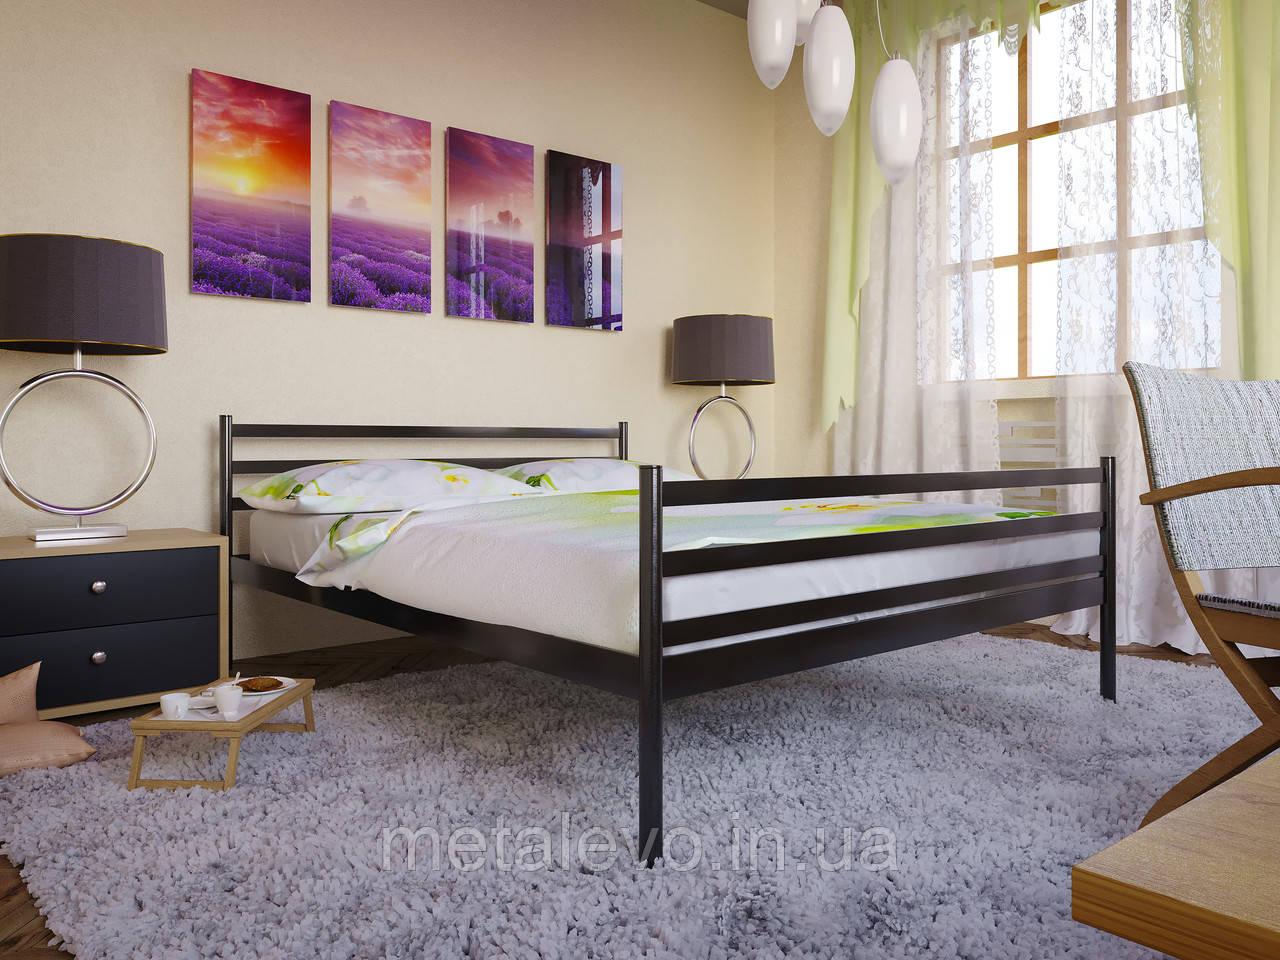 Металлическая кровать с изножьем ФЛАЙ-2 (FLY-2)